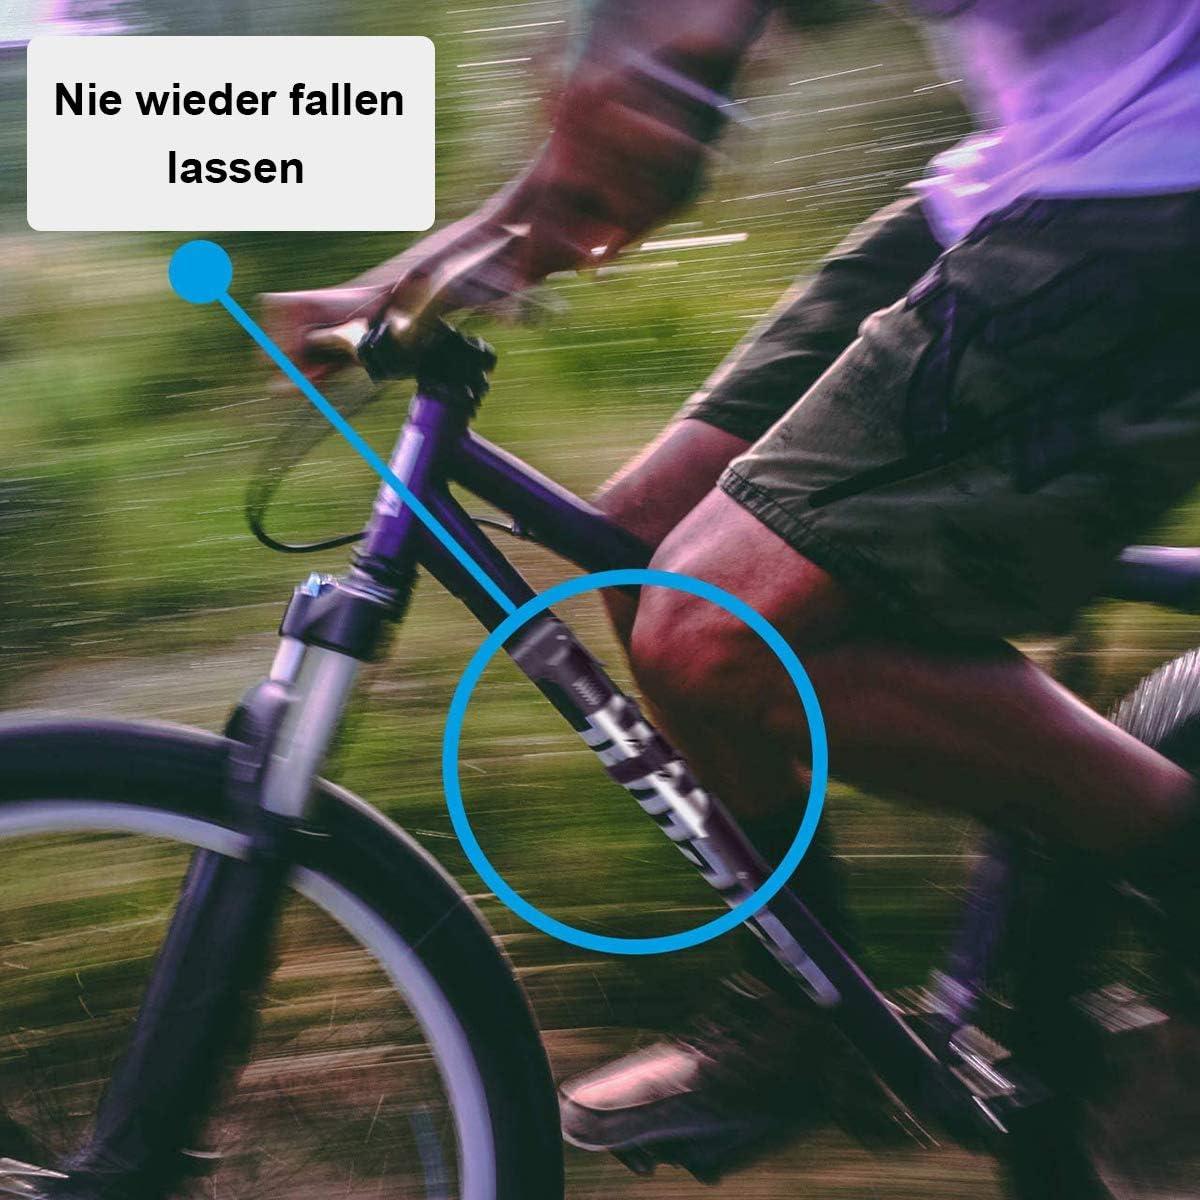 MICHETT Mini Fahrradpumpe Alloy Minipumpe Kleine Tragbare Handpumpe Leichte Bicycle Pump Compakt Bike Pump Schnell und Einfach zu Bedienen Alle Ventile f/ür Mountainbikes Rennrad E-Bike MTB